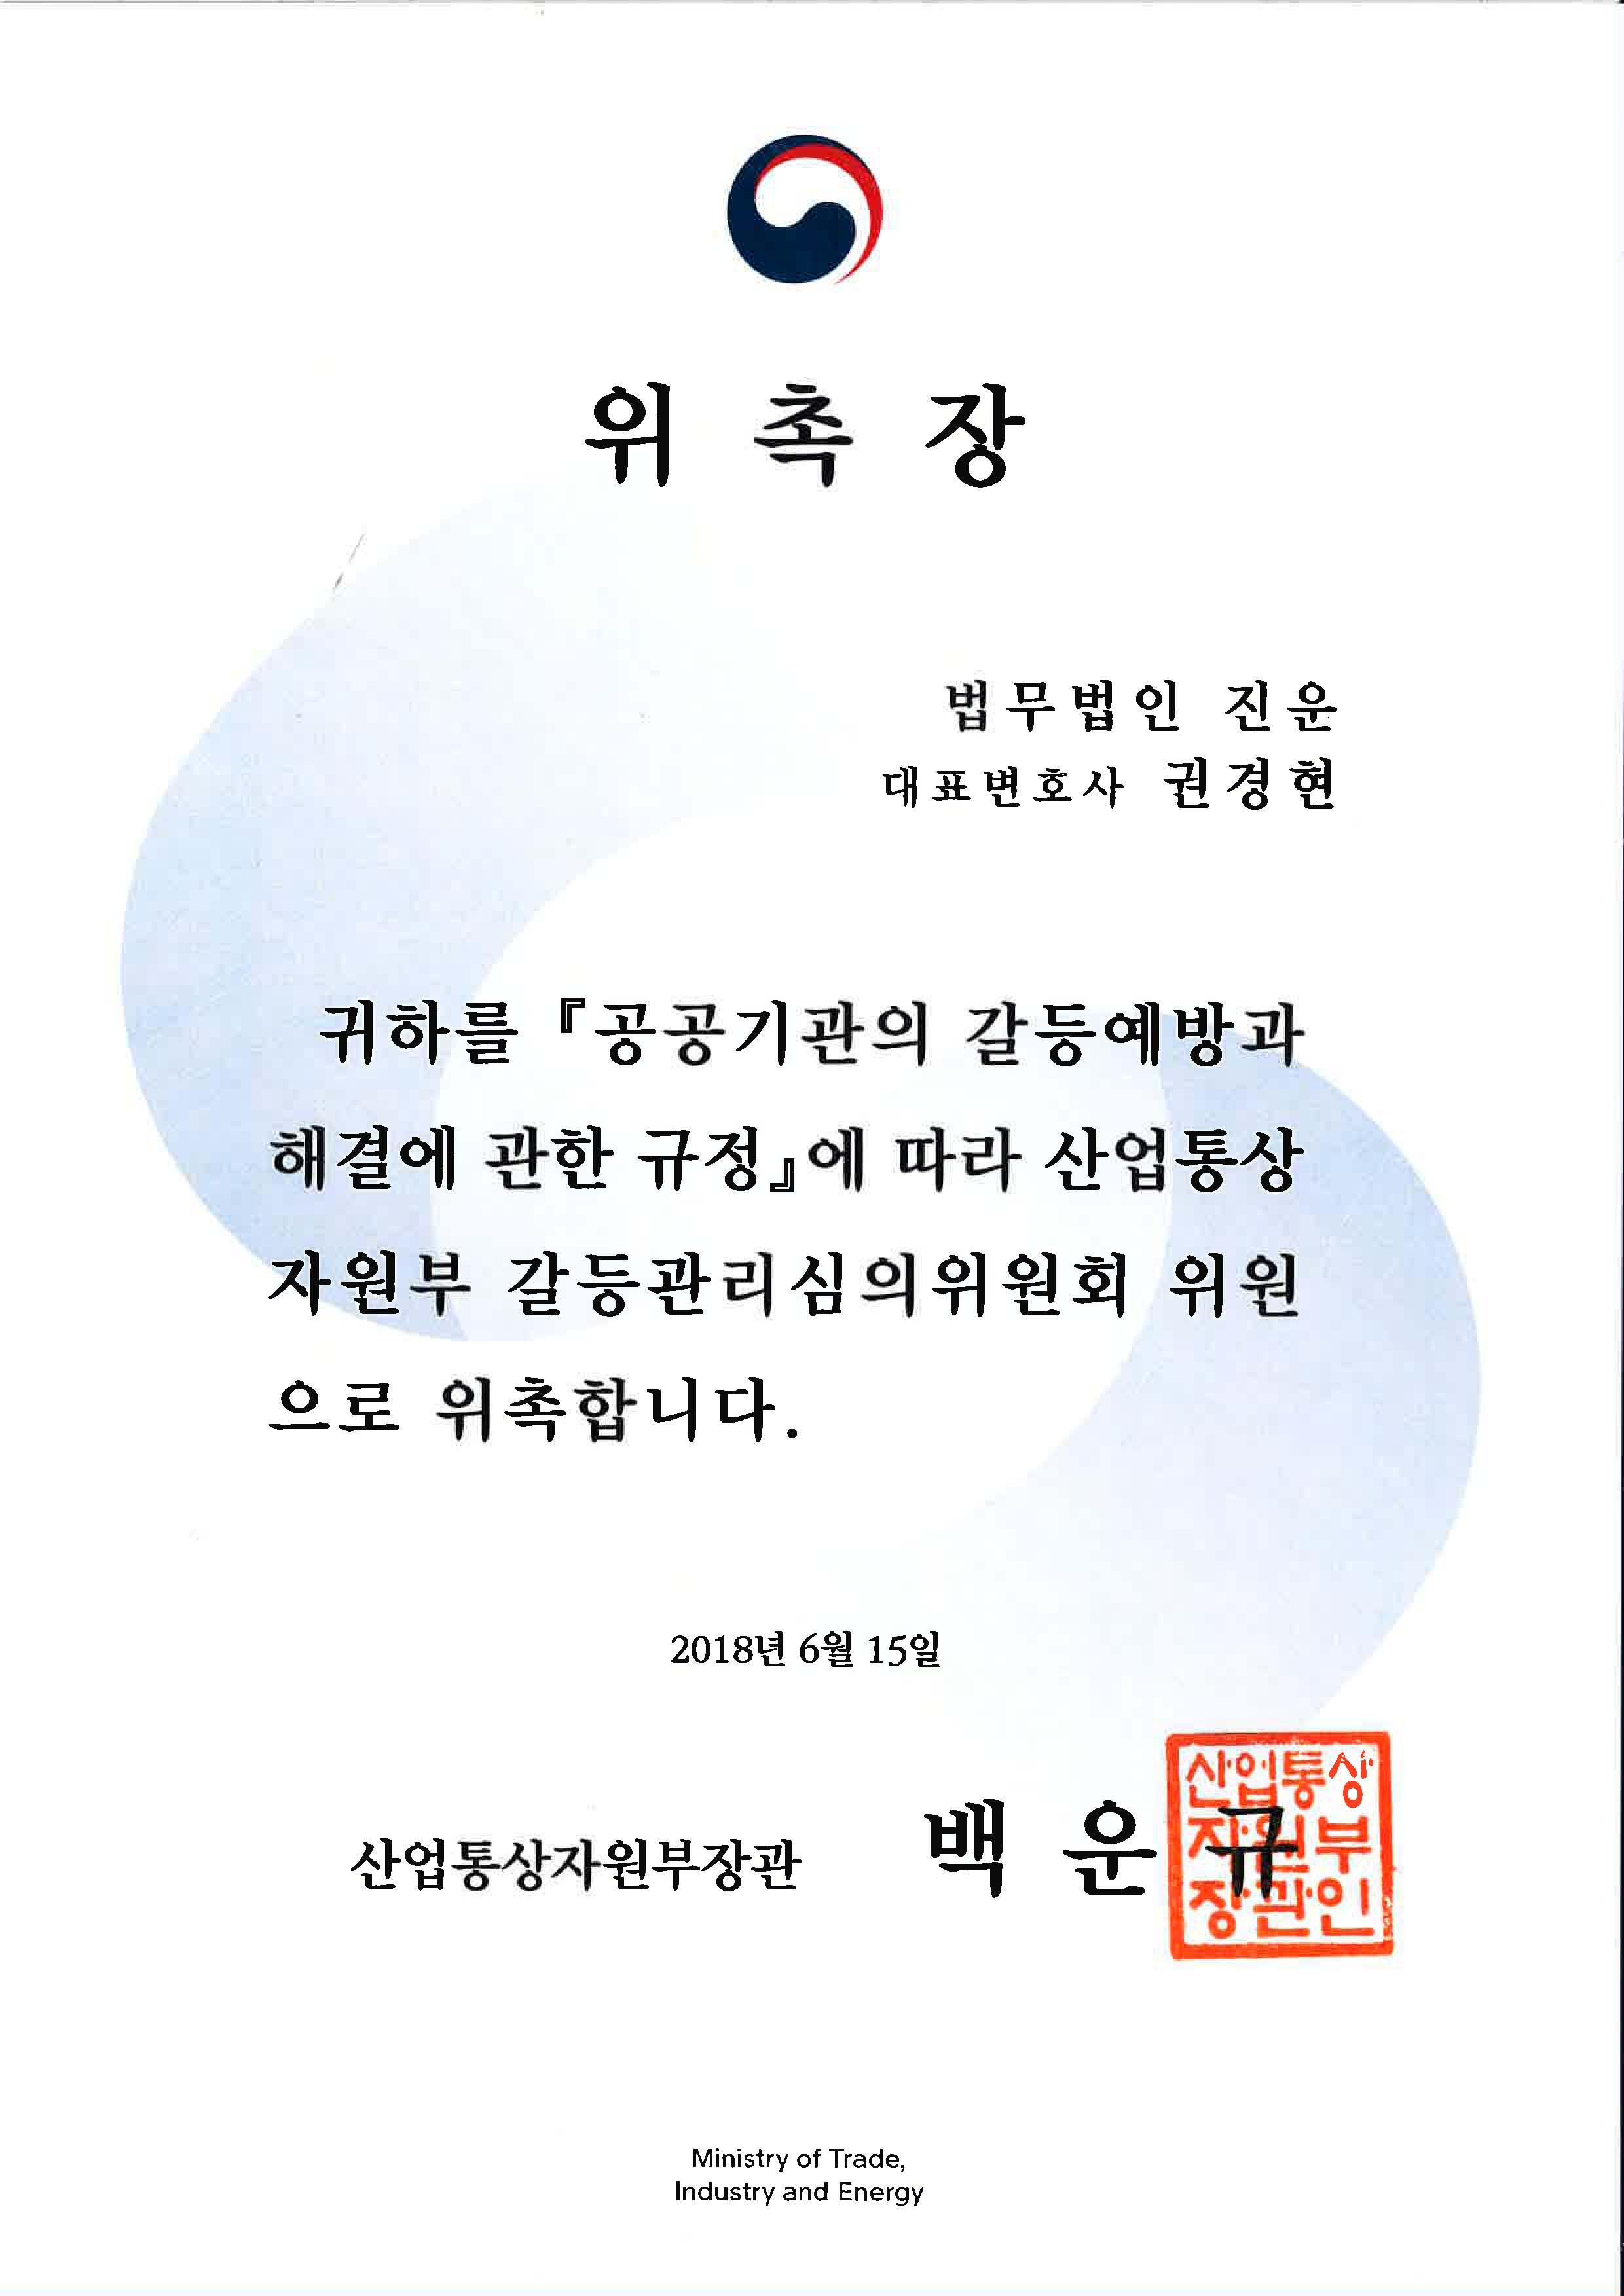 산업통상자원부_갈등관리심의위원회_위원_위촉장(권경현_대표님)(2018.06.15.~2020.06.14.).jpg